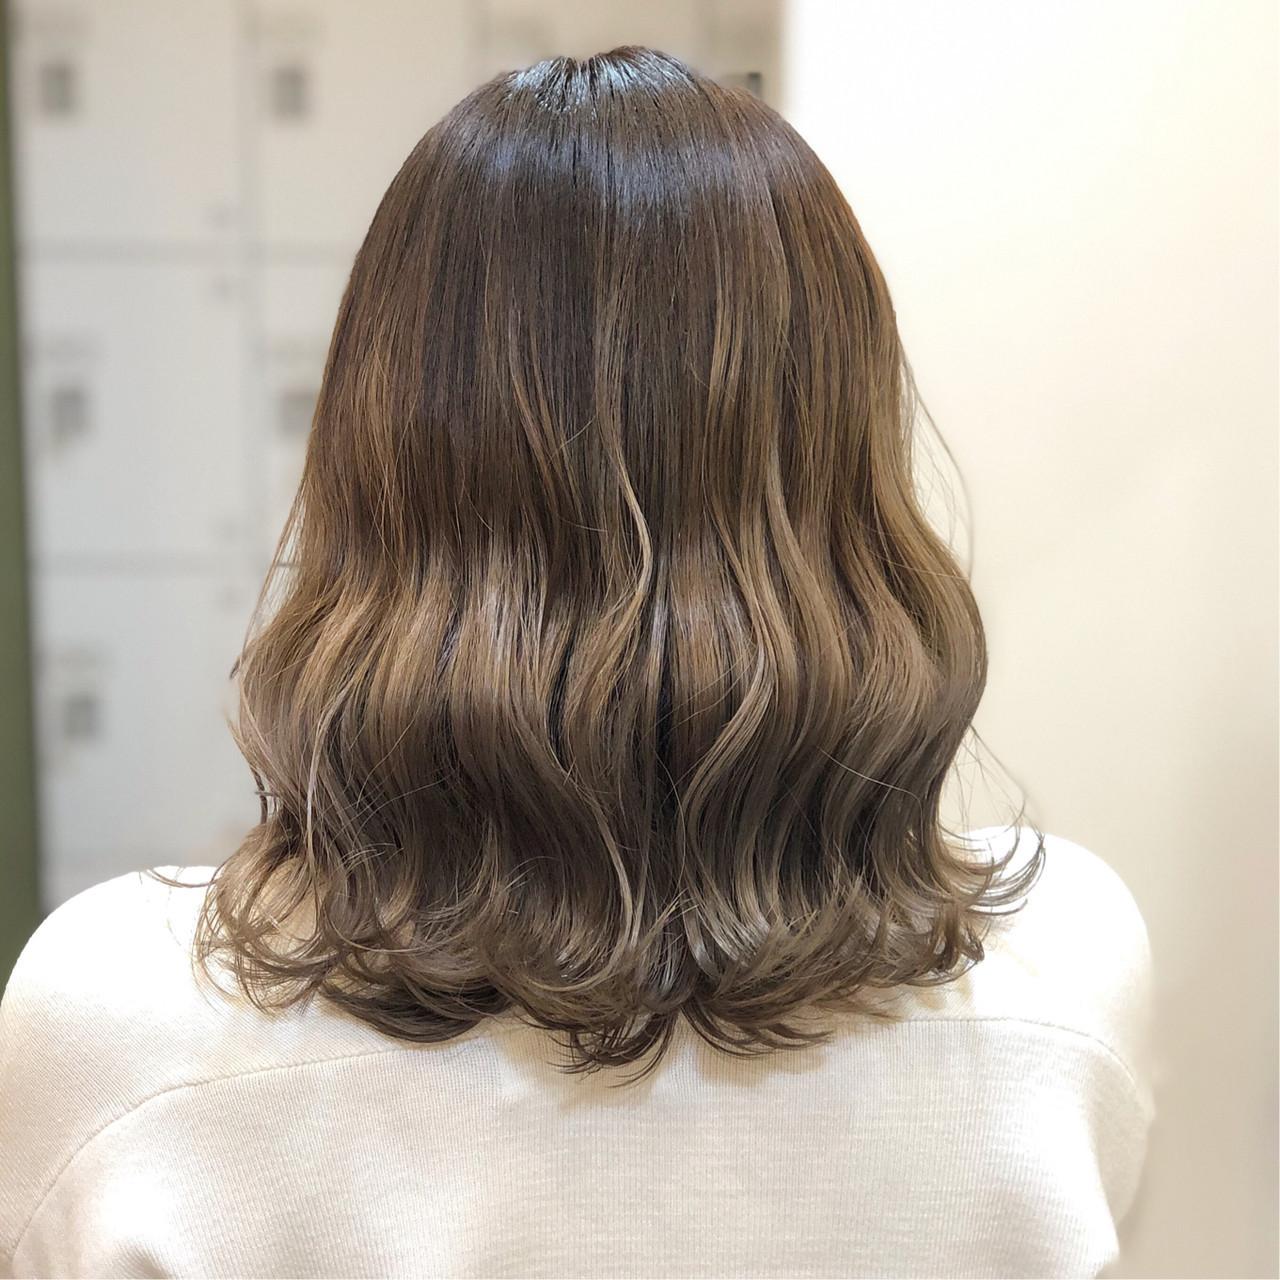 外国人風フェミニン 外国人風カラー フェミニン グラデーションカラー ヘアスタイルや髪型の写真・画像